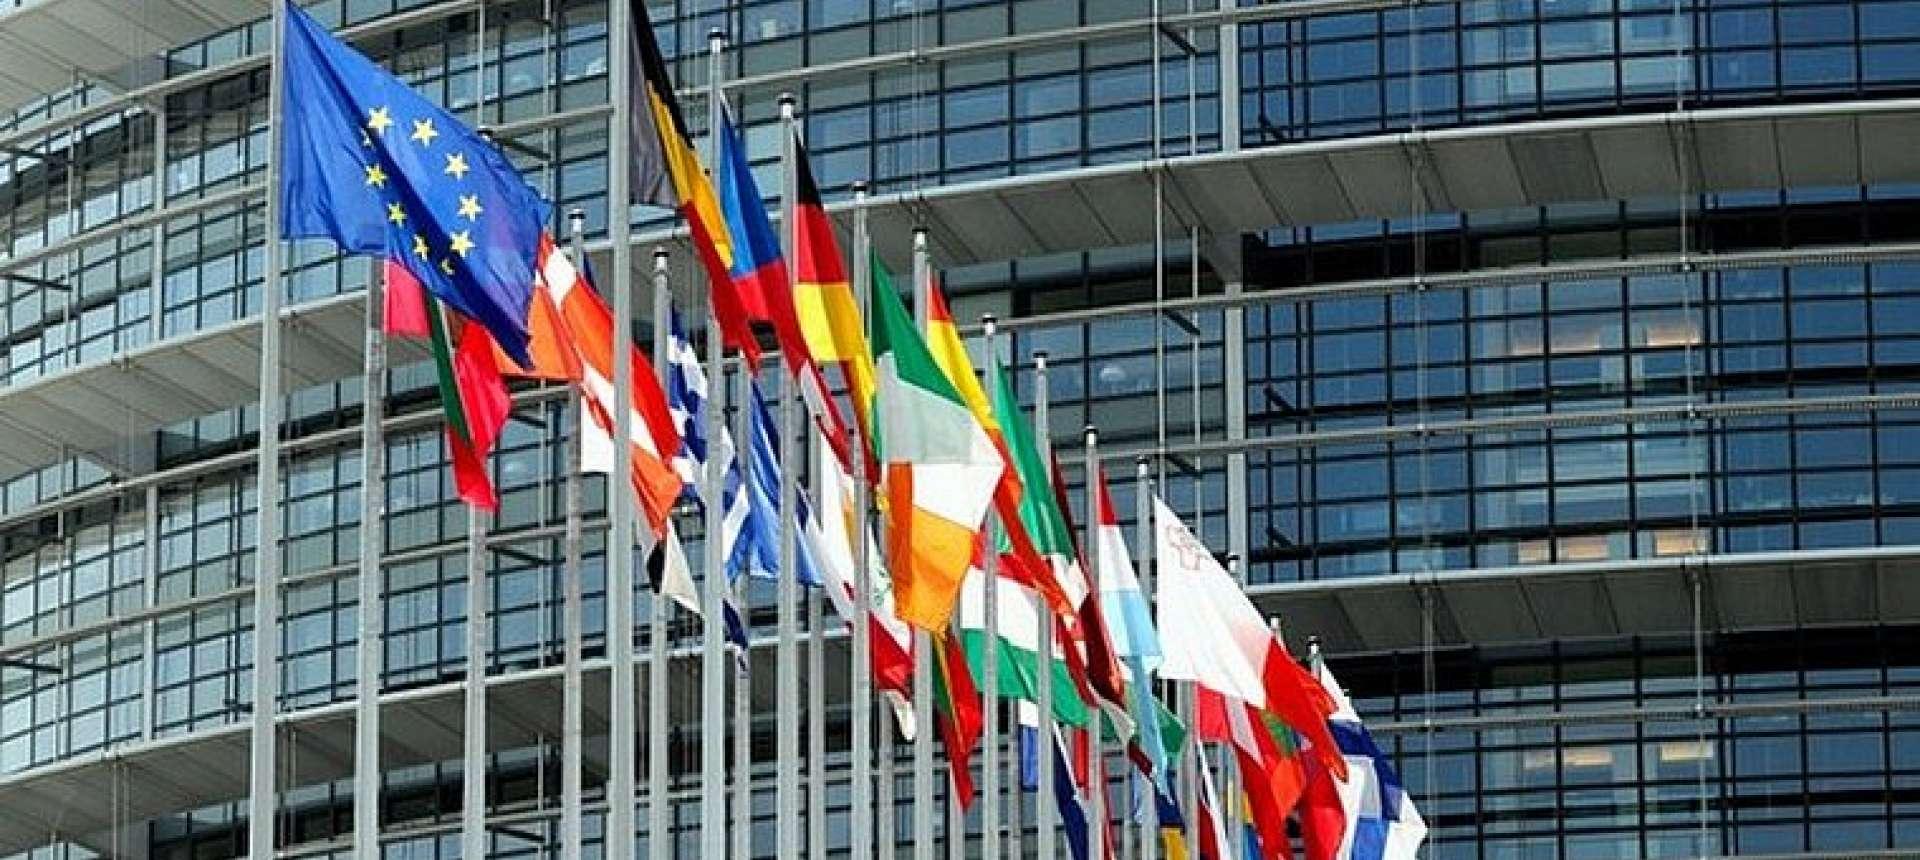 Le ParlementEuropéen recherche de nouveaux stagiaires